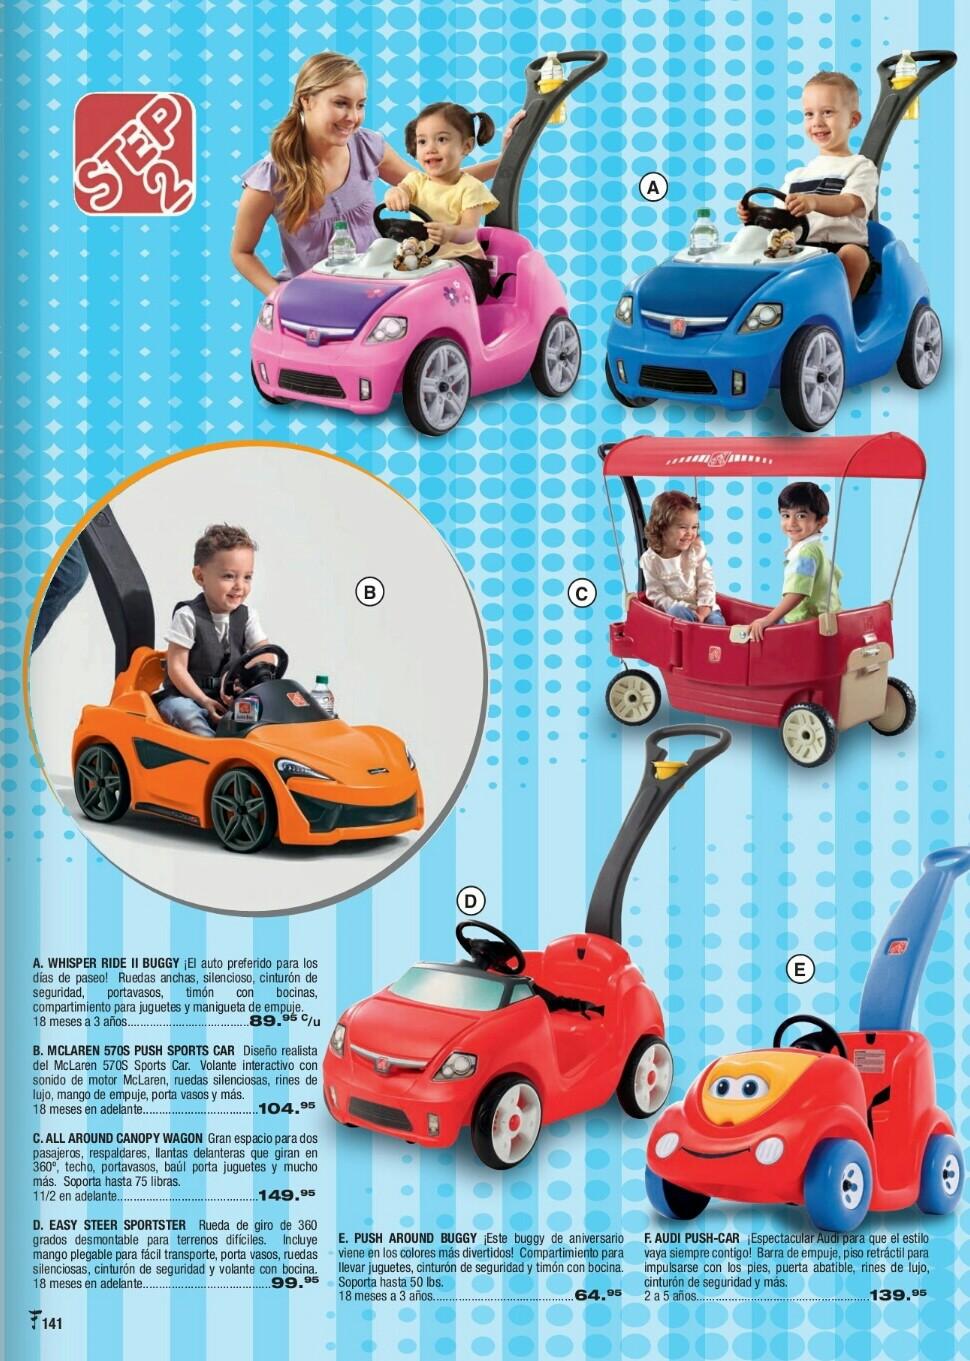 Catalogo juguetes Felix B Maduro 2018 p141